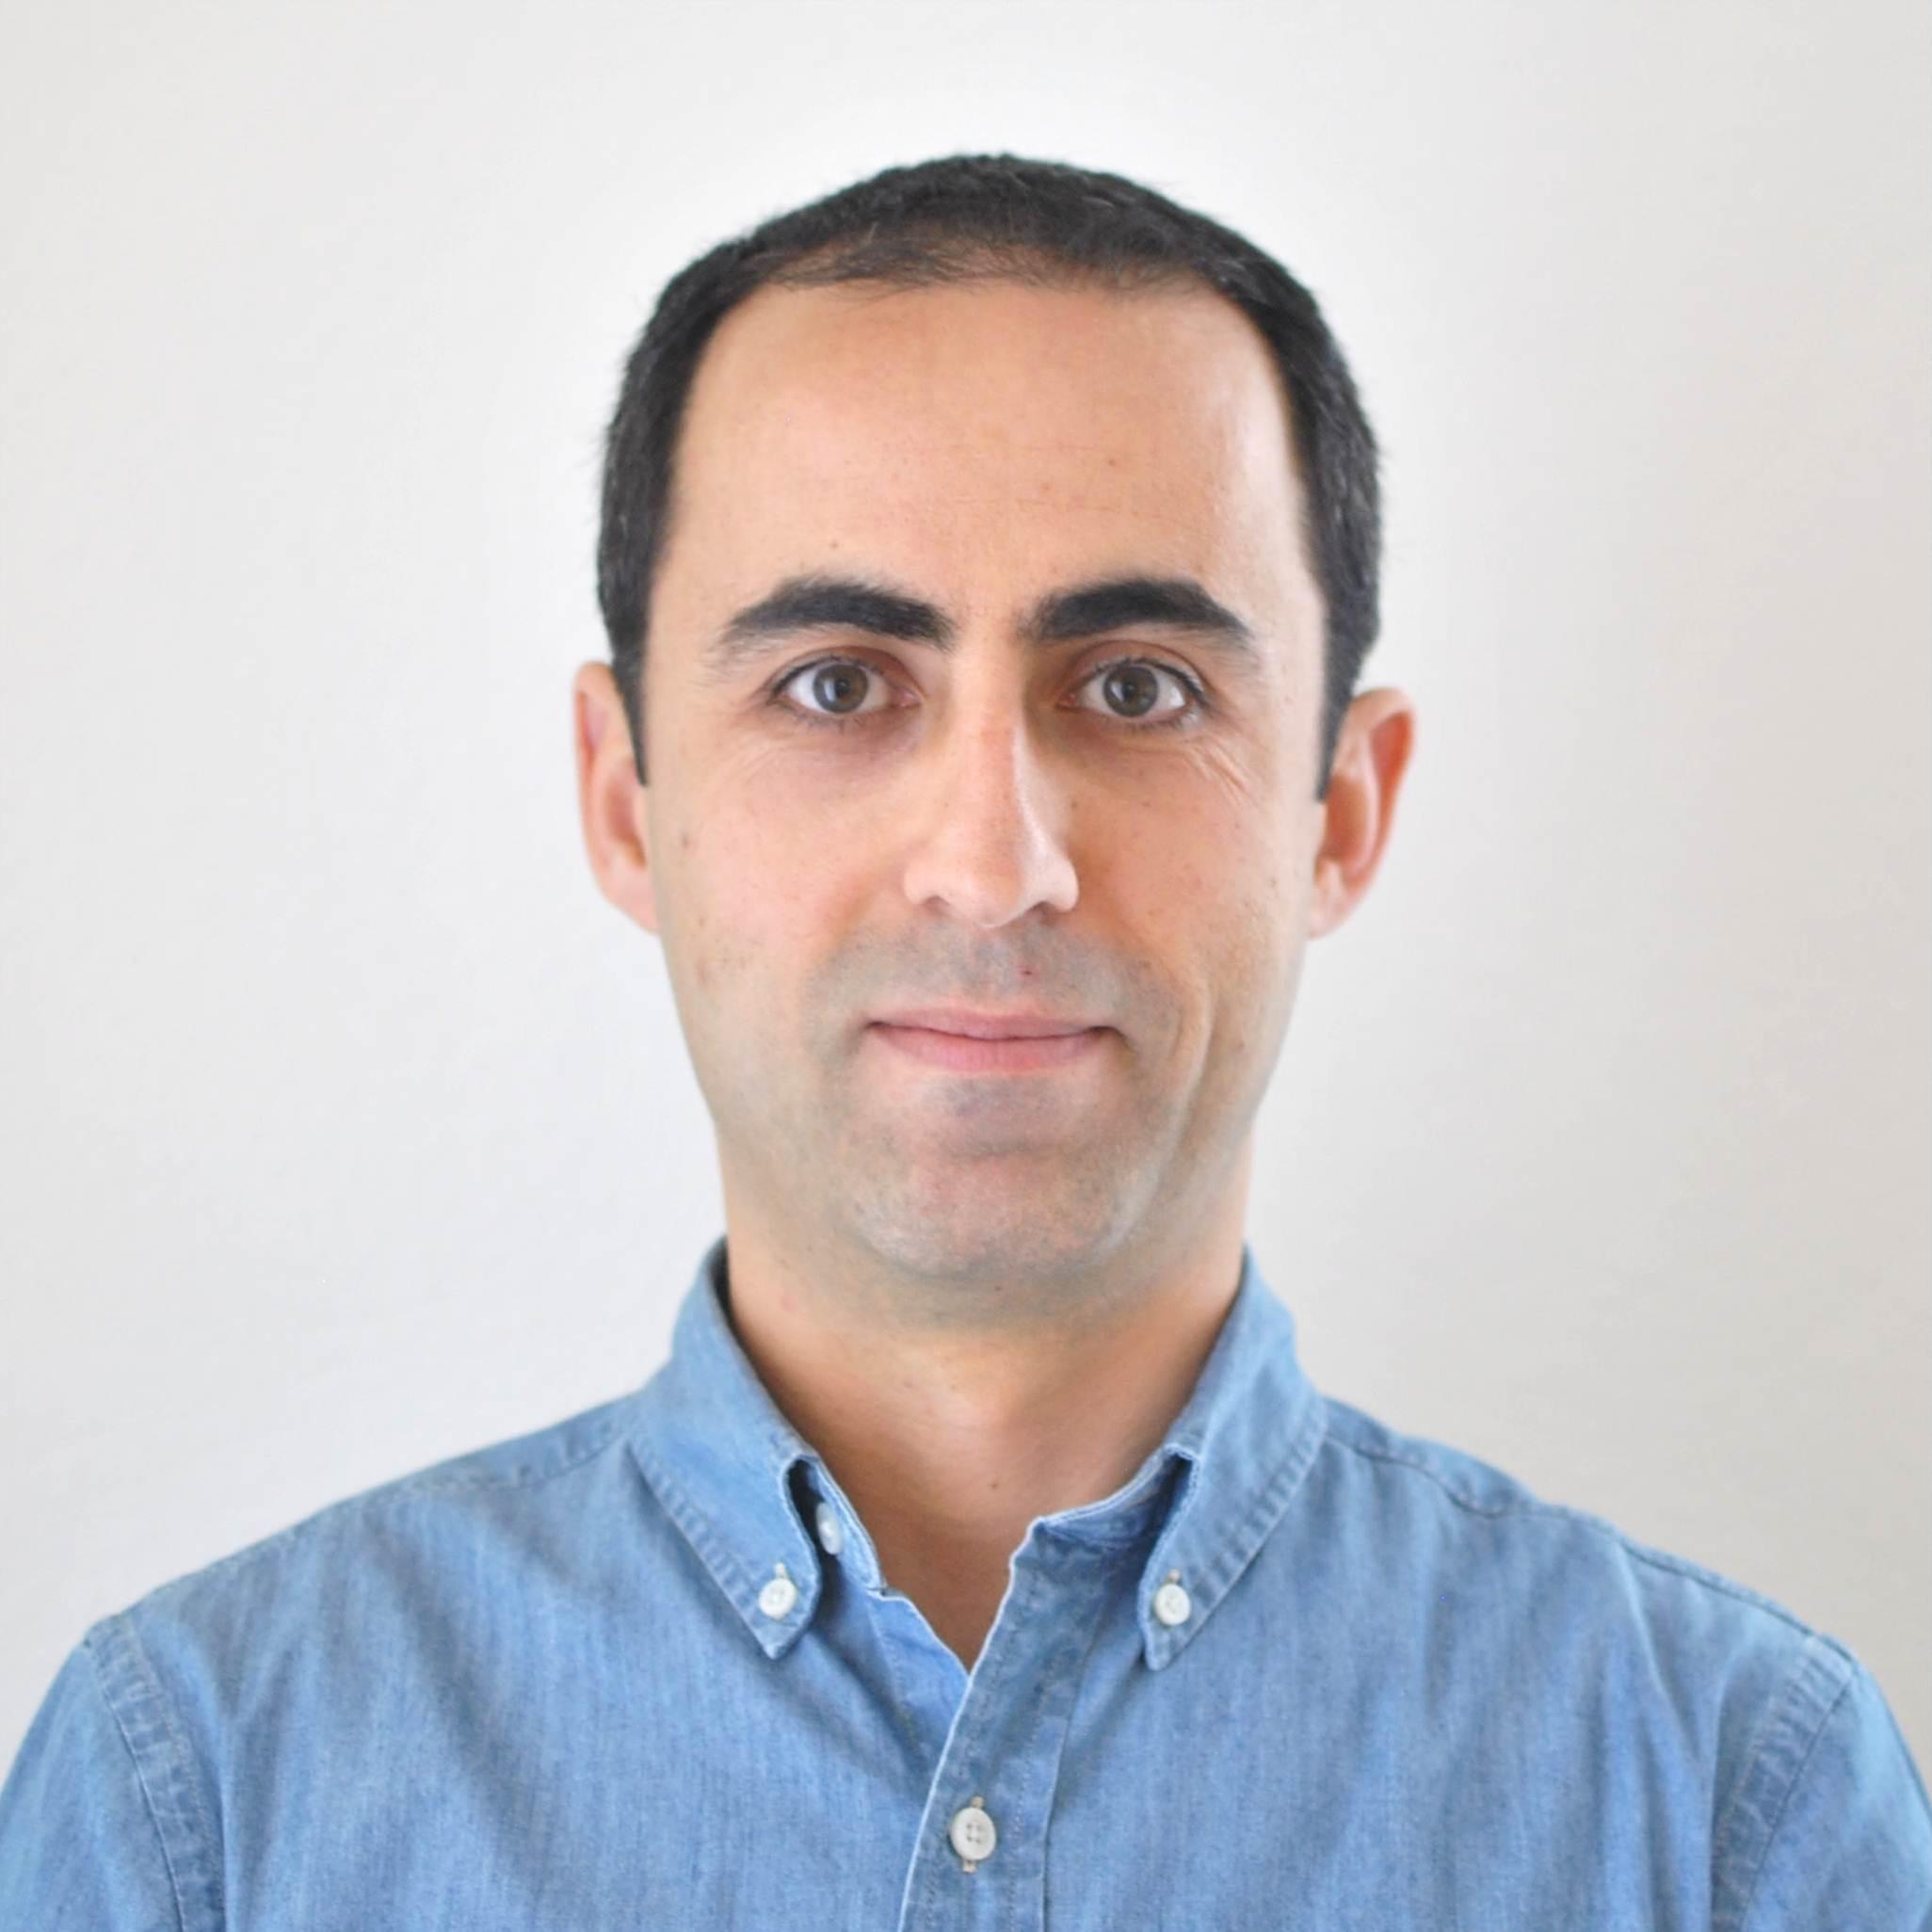 Bilkent'in 7. MSCA-IF Ödülünü Dr. Abdullah Demir Aldı